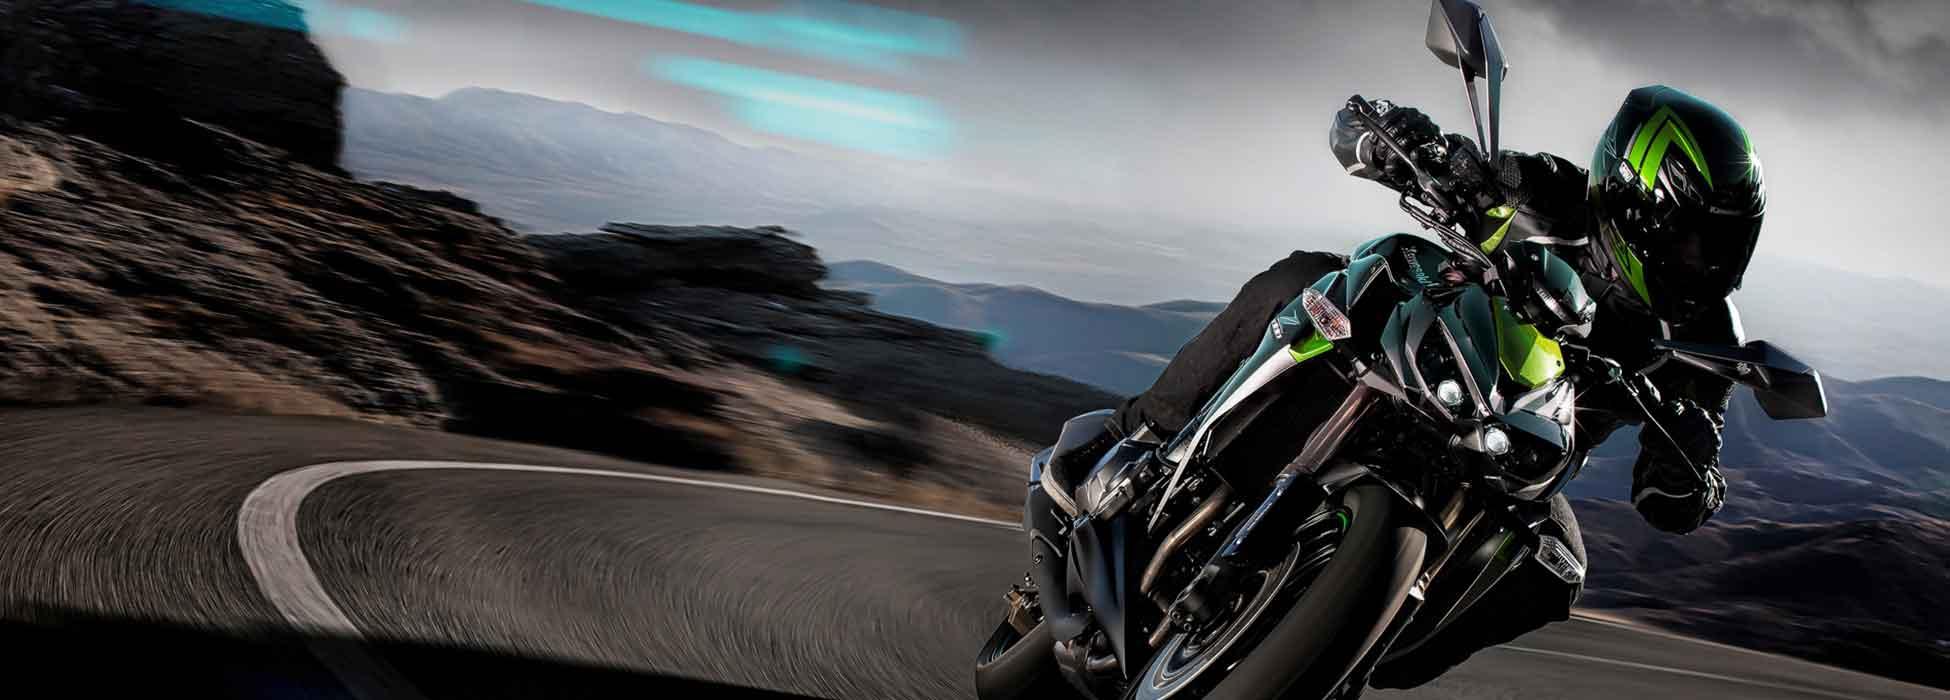 Comment passer le permis moto anglais 1 - Comment passer le permis moto anglais